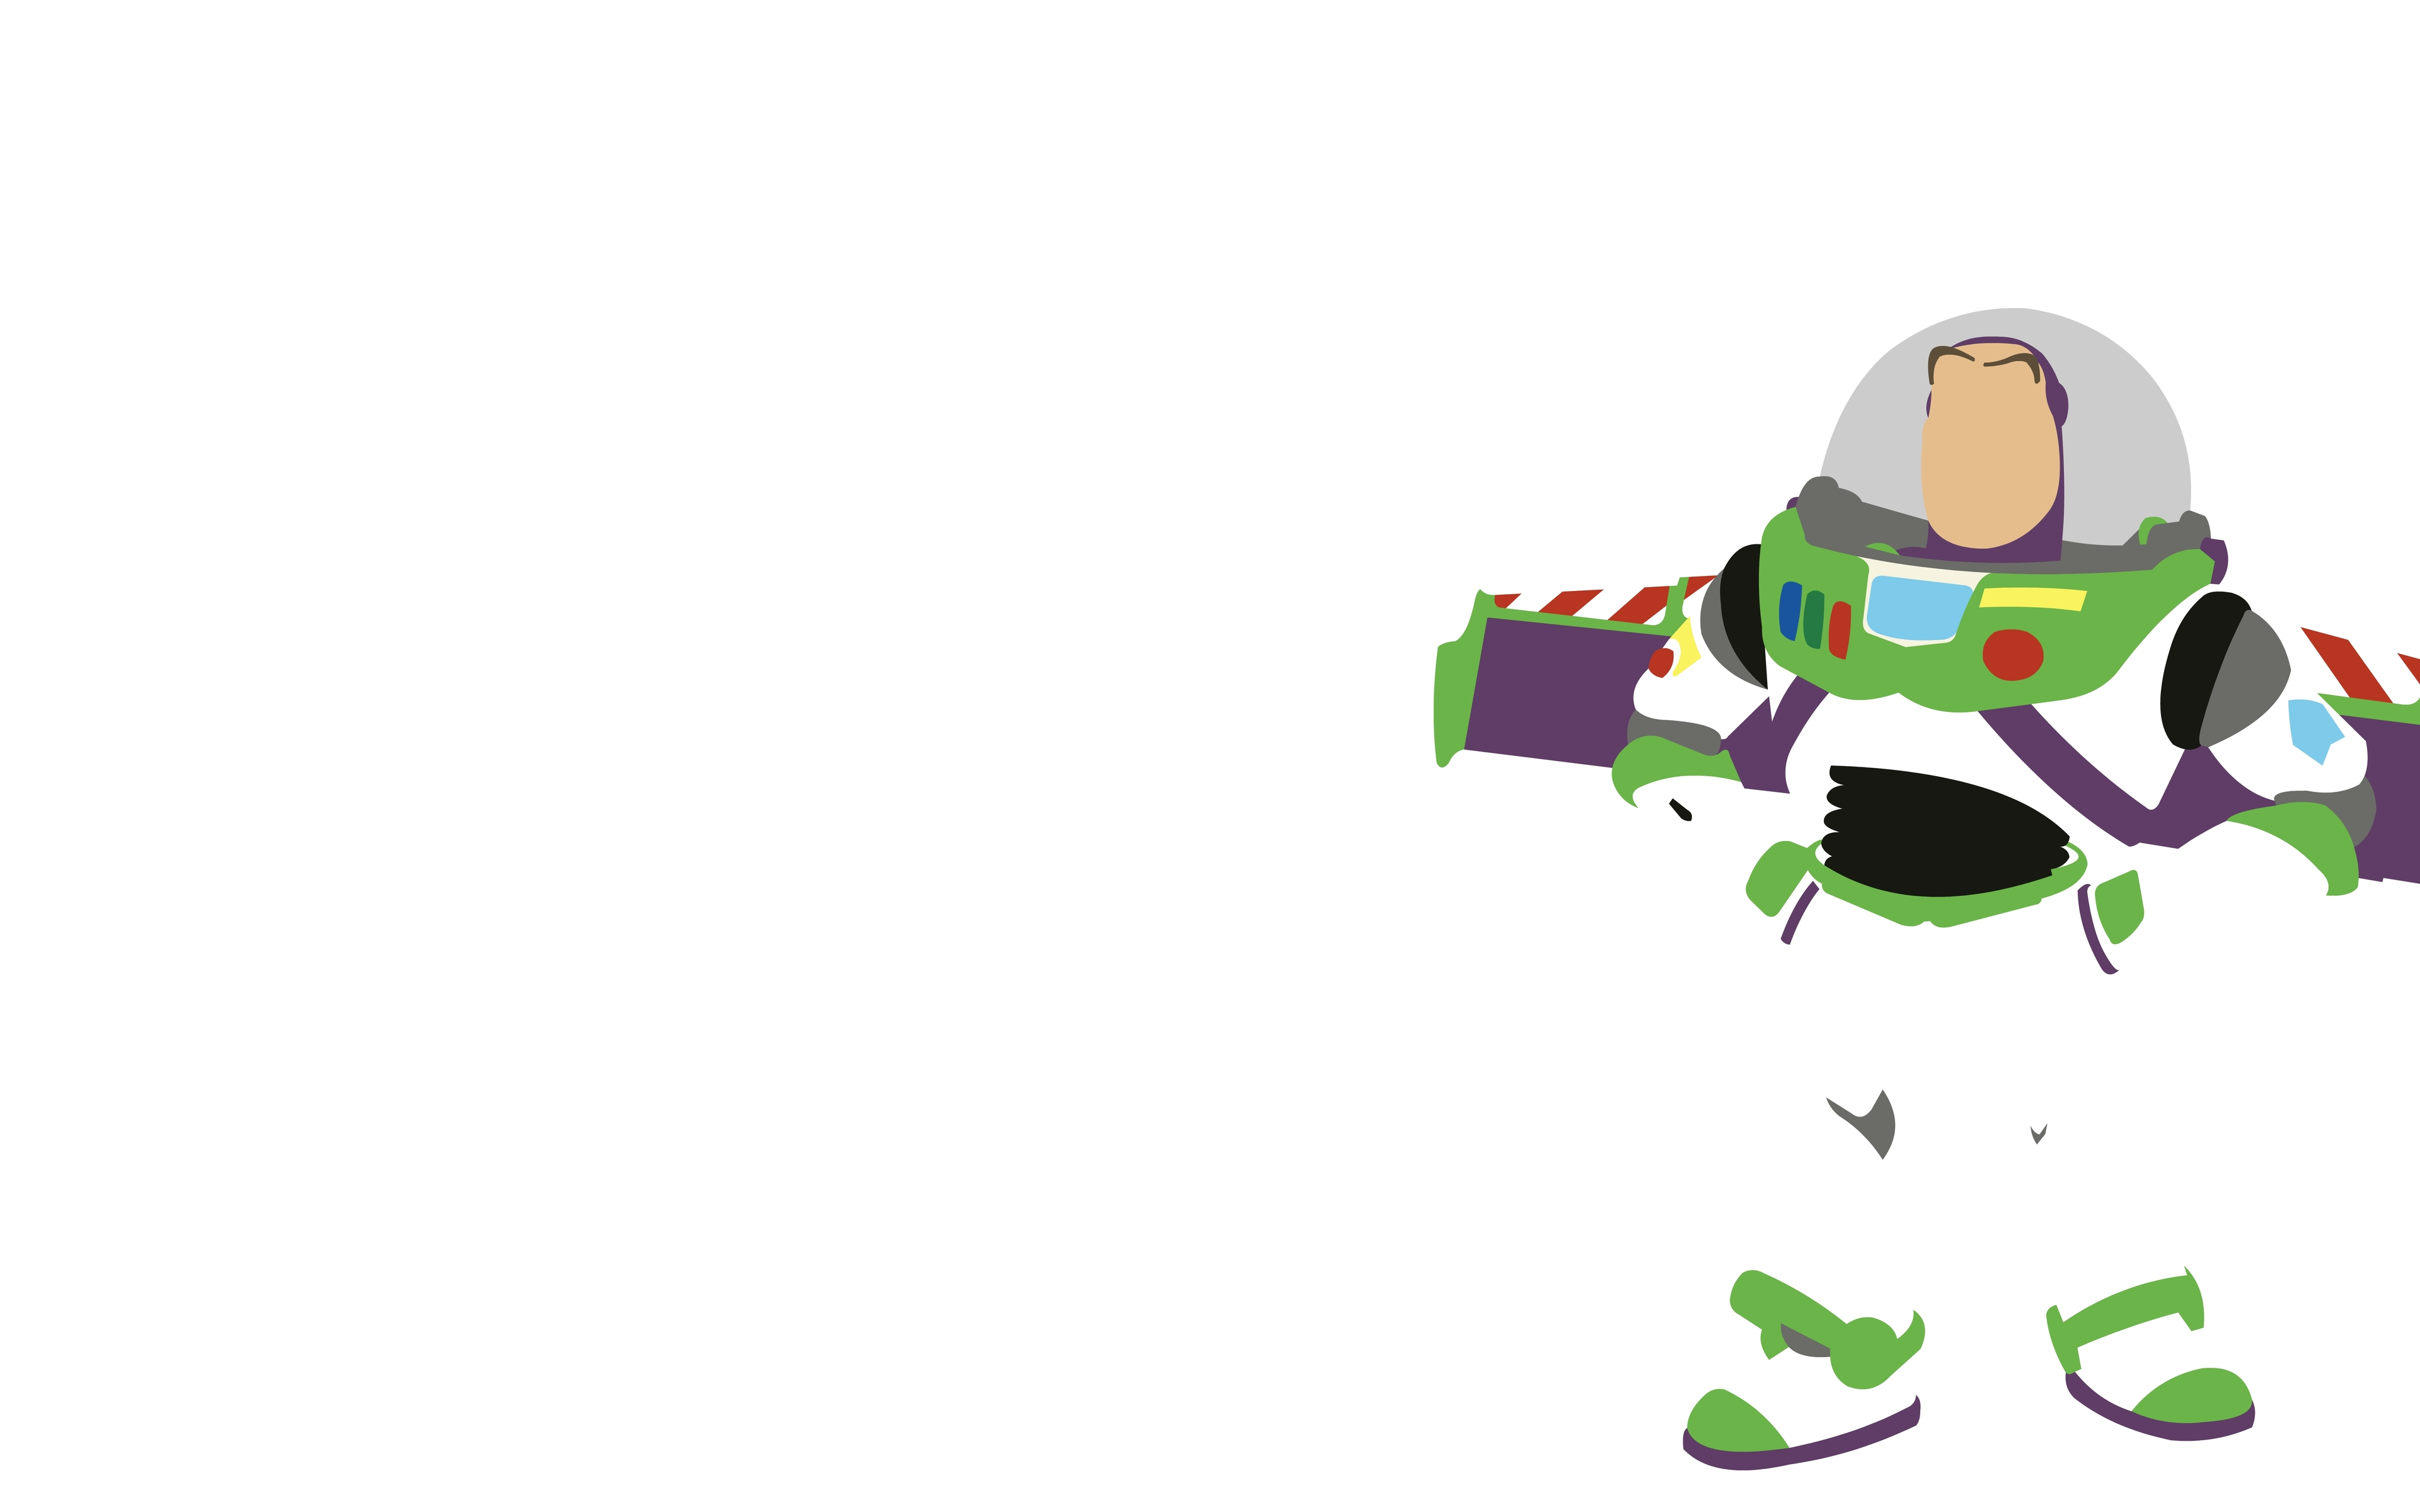 buzz-lightyear-9t.jpg